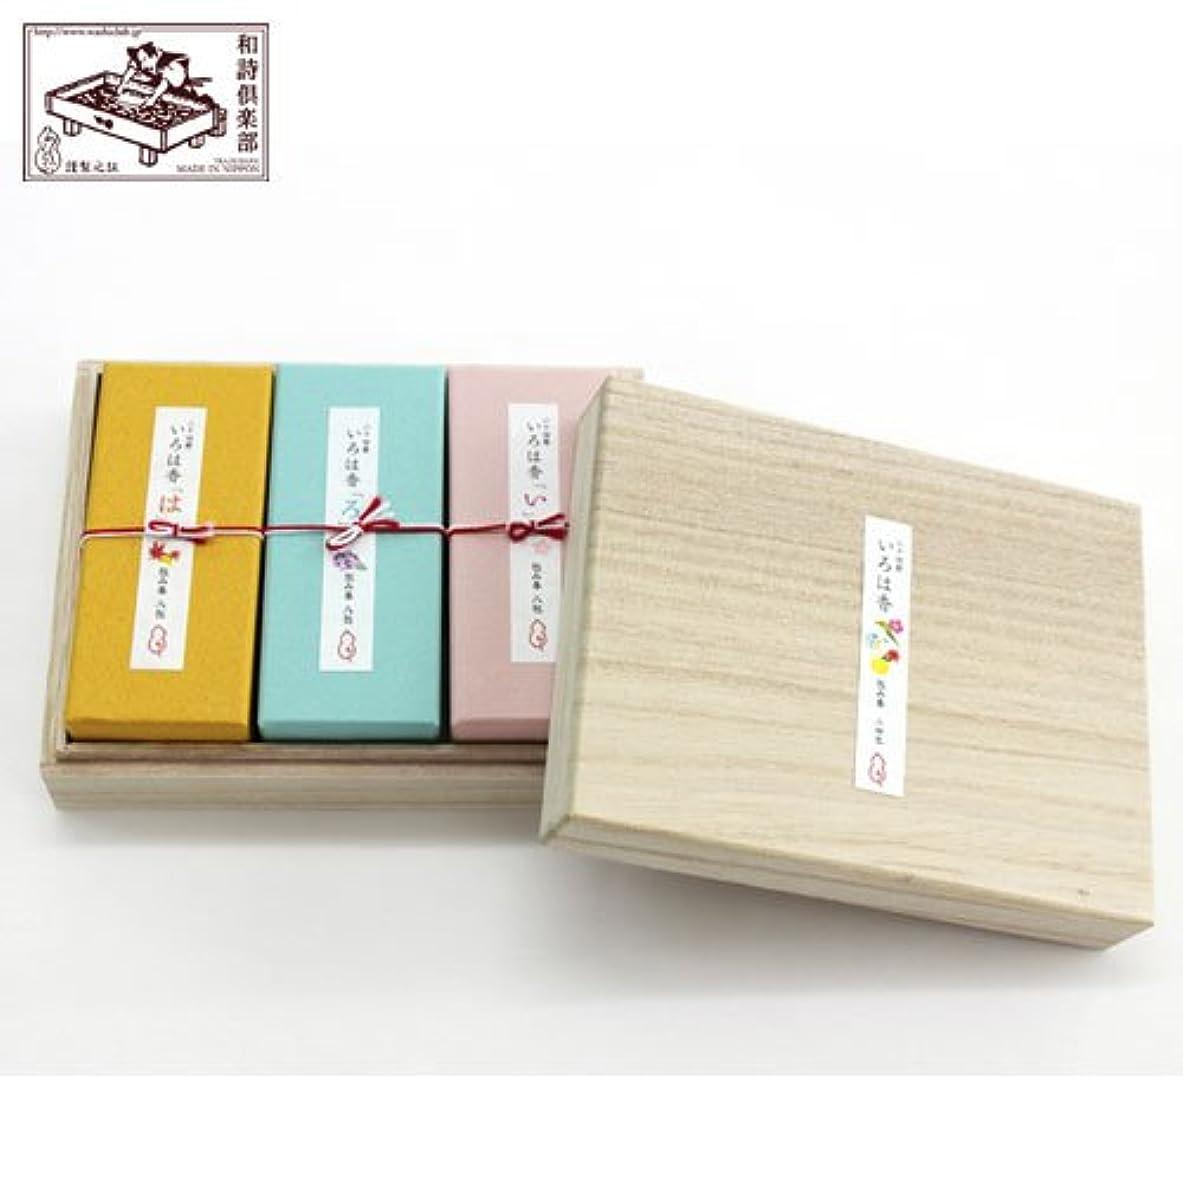 政策バスルーム分岐する文香包み香セットいろは香二十四節気 (TT-001)和詩倶楽部